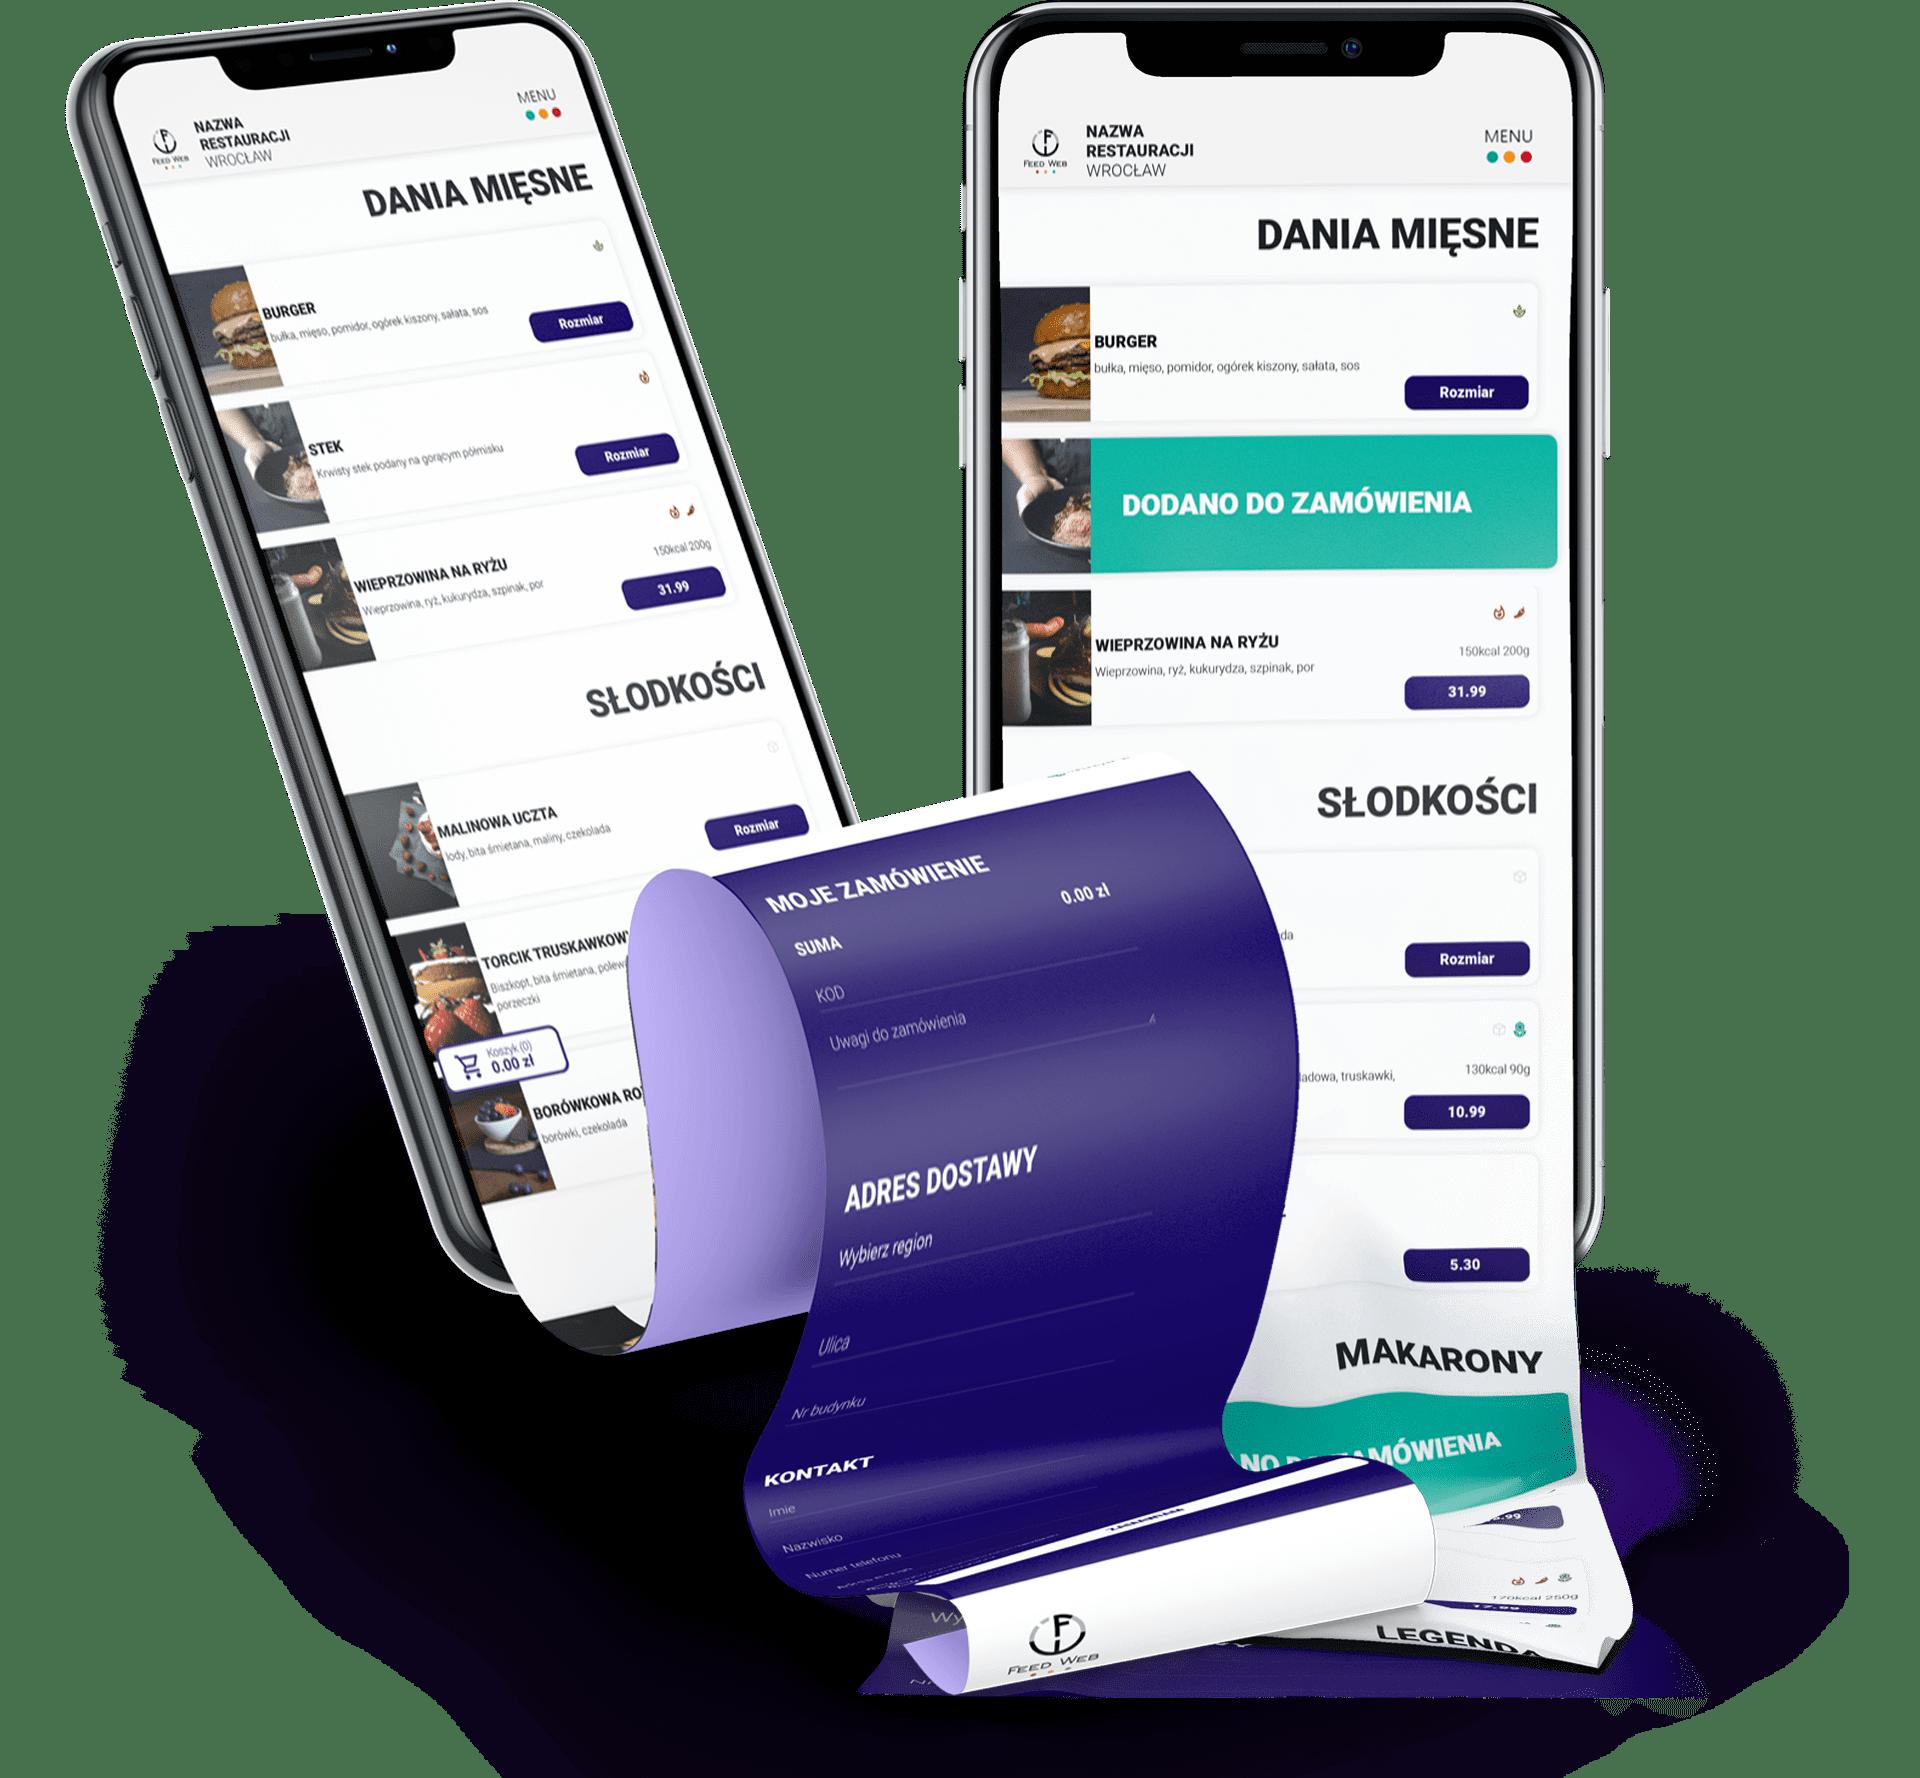 aplikacja do bezprowizyjnej sprzedaży w restauracji